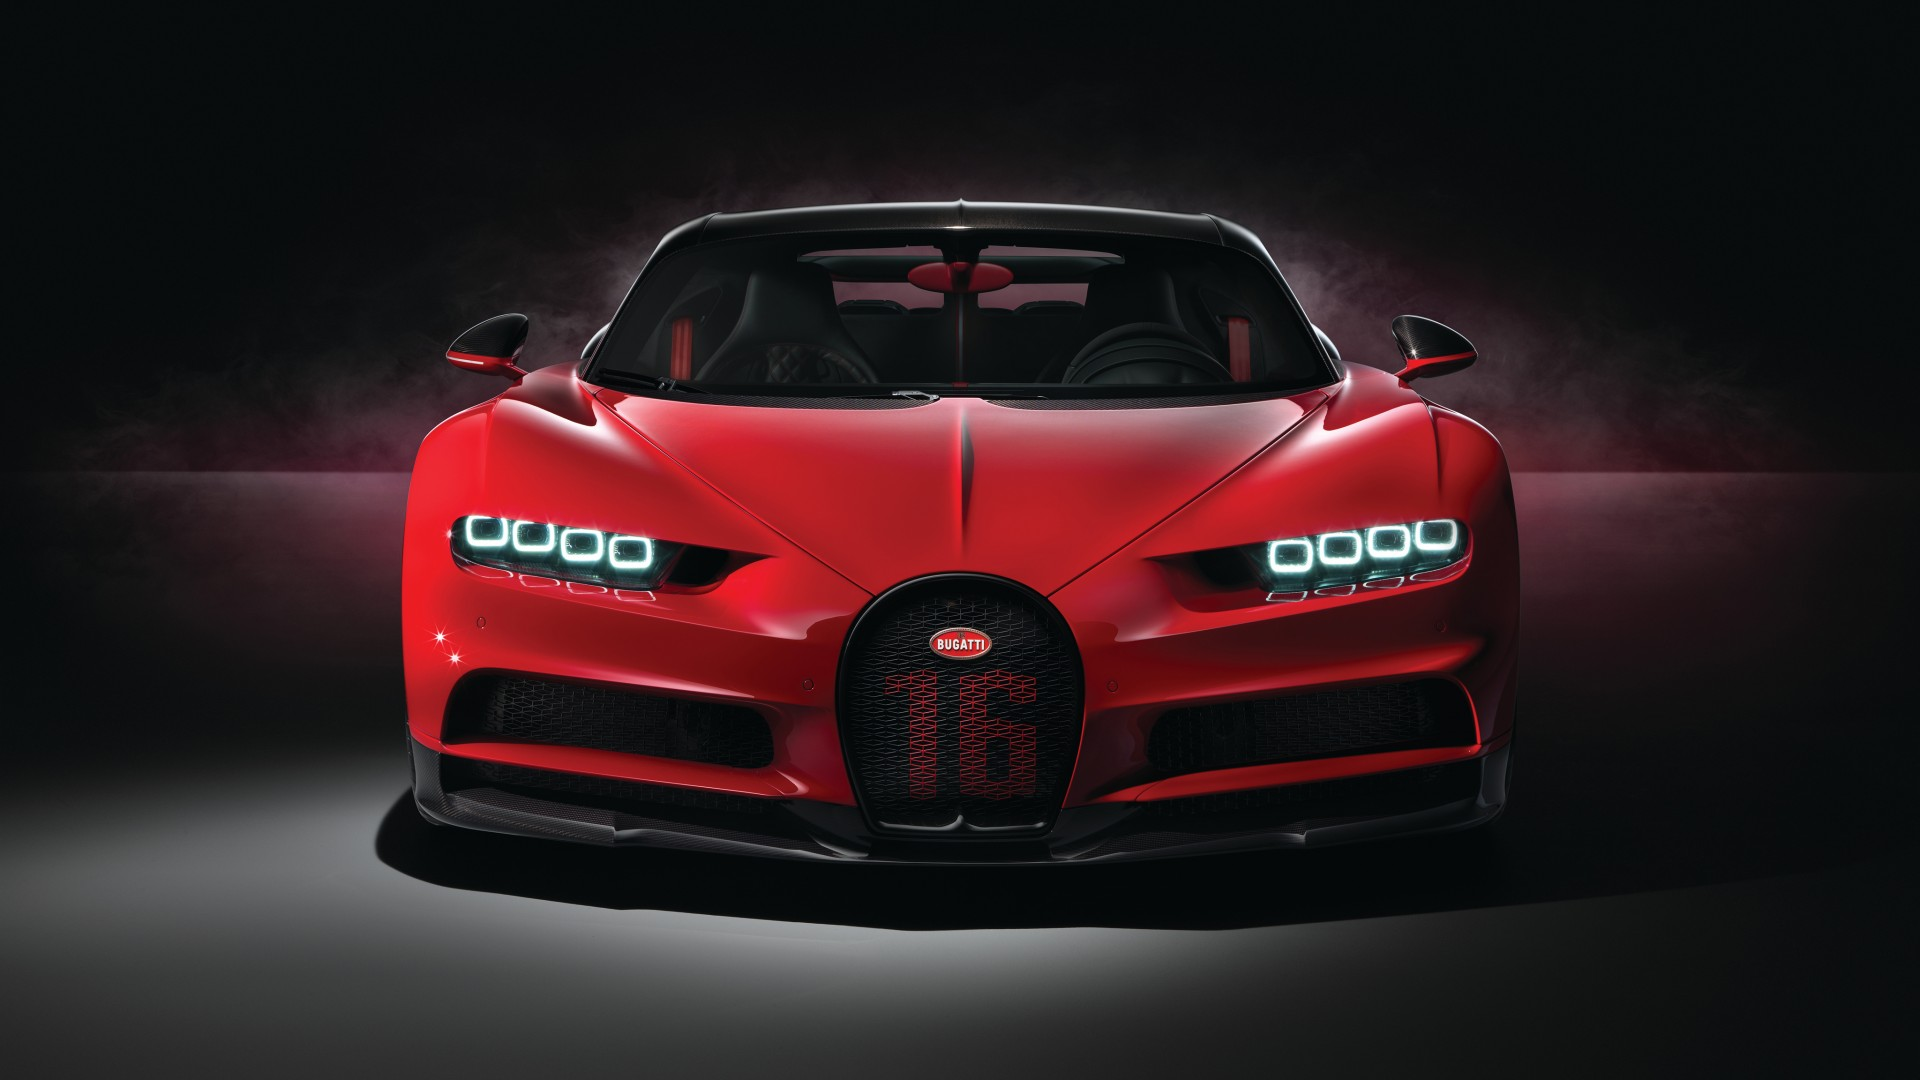 Www Hummer Car Wallpapers Com 2018 Bugatti Chiron Sport 4k 4 Wallpaper Hd Car